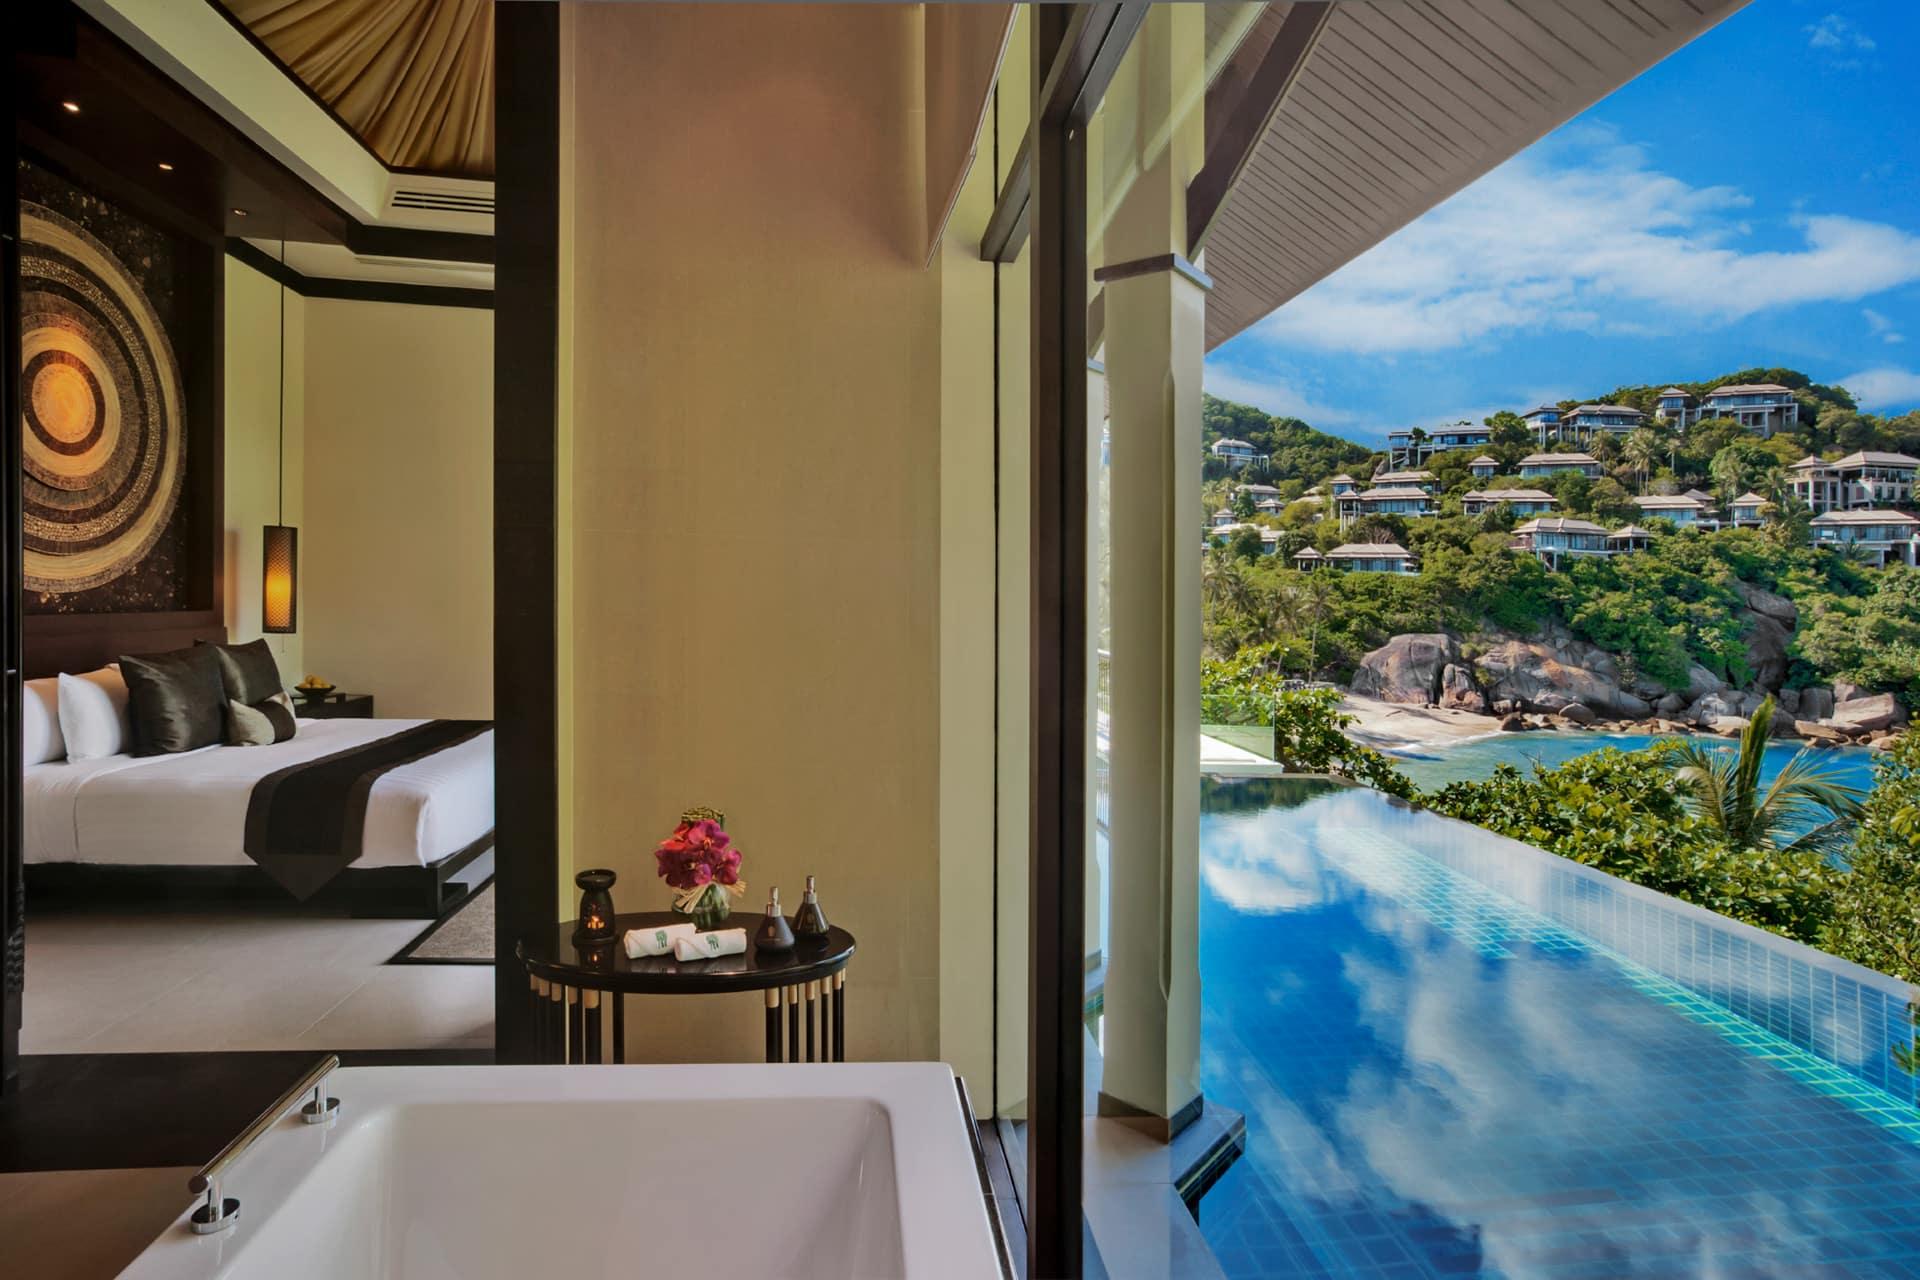 FelixHug_Hotels-&-Resorts_8